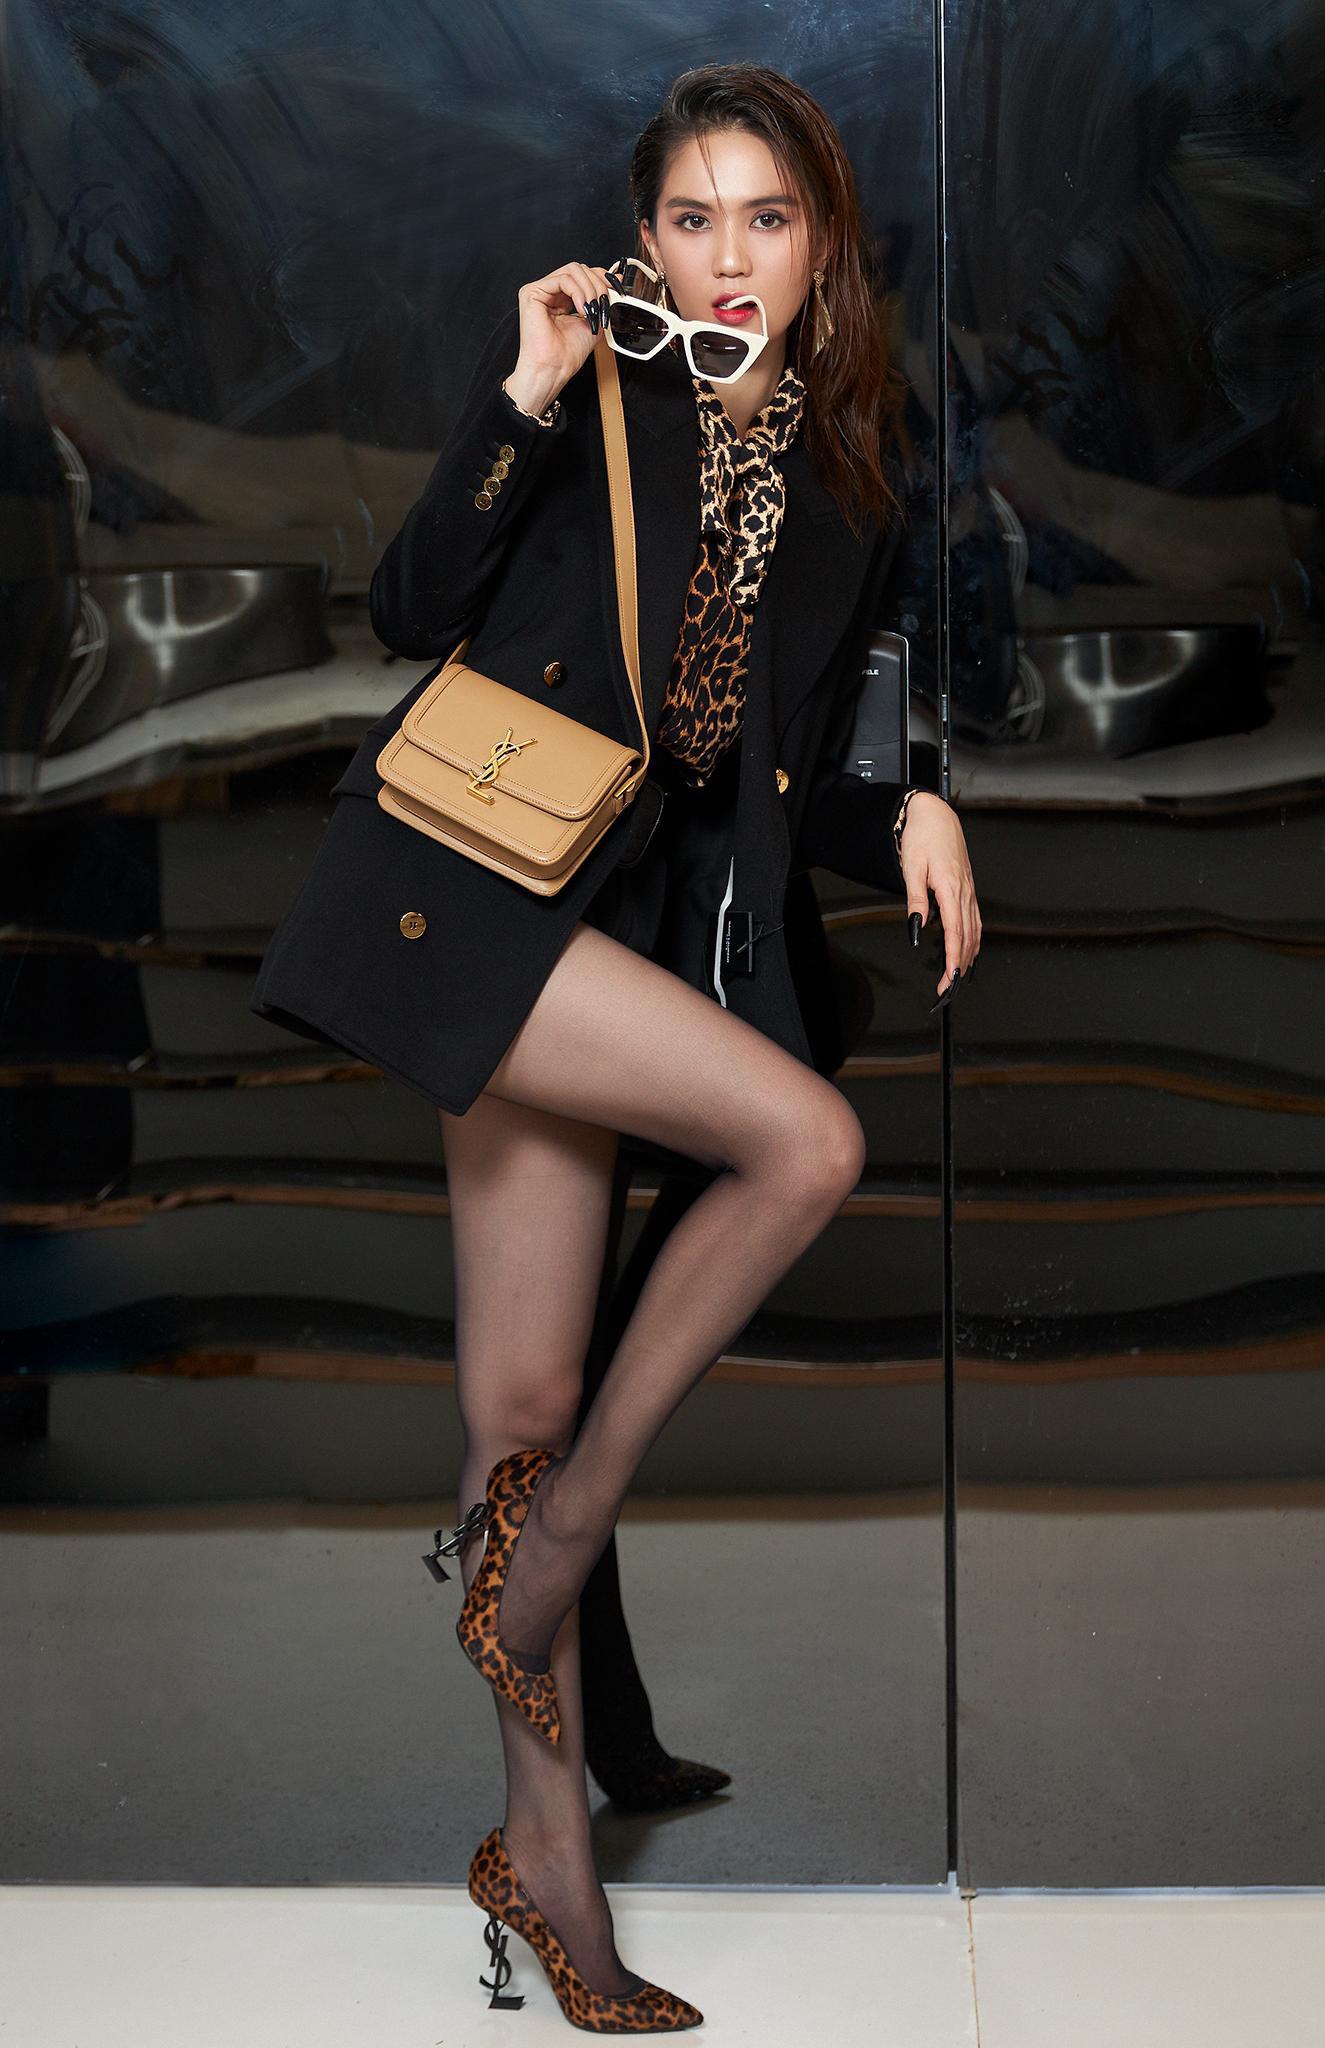 """Đụng hàng Saint Laurent: Quỳnh Anh Shyn tự tin với phong cách Rock chic, Ngọc Trinh và Diệu Nhi lại """"biến hình"""" gợi cảm, huyền bí - Ảnh 7."""